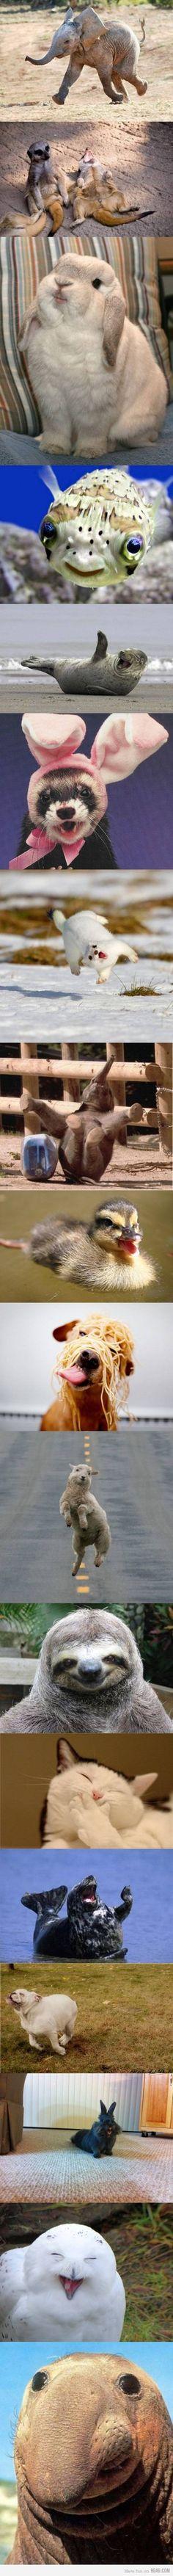 adorable happy animals!